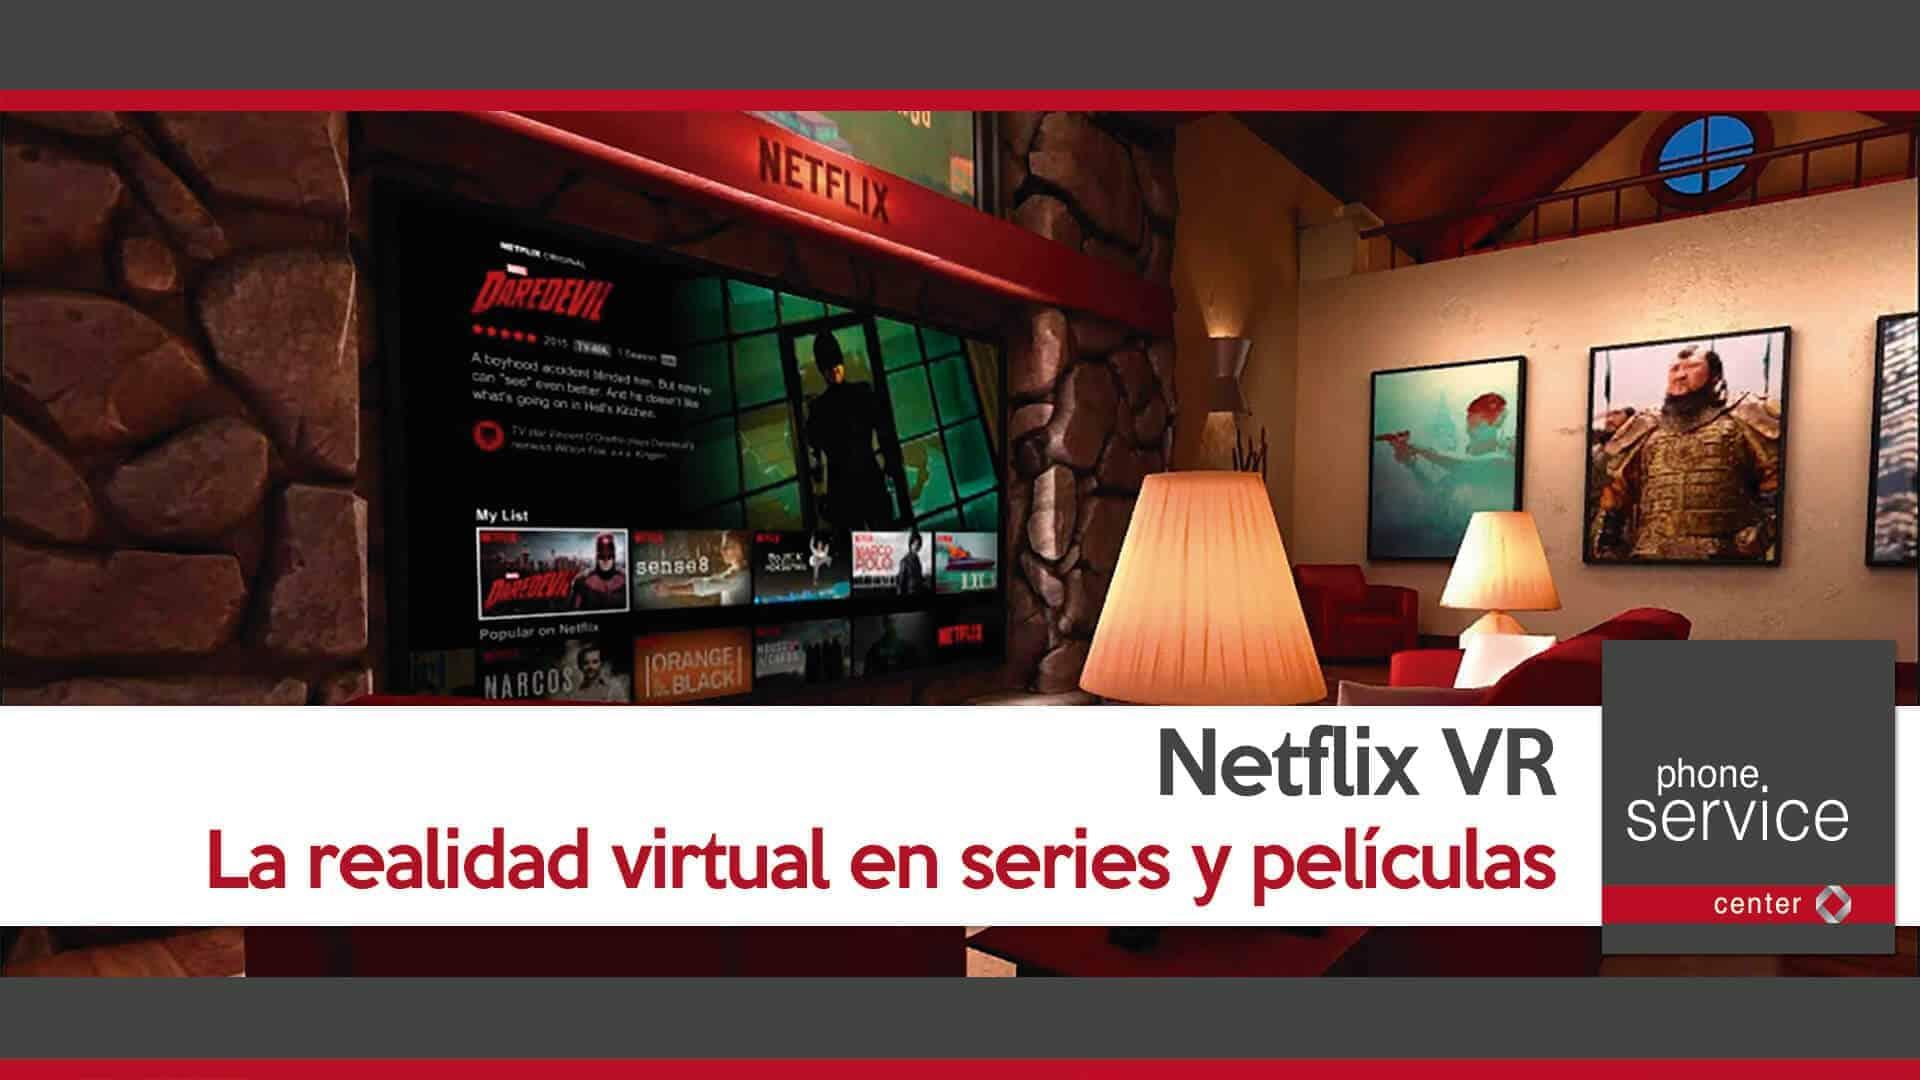 netflix-vr-la-realidad-virtual-en-series-y-peliculas